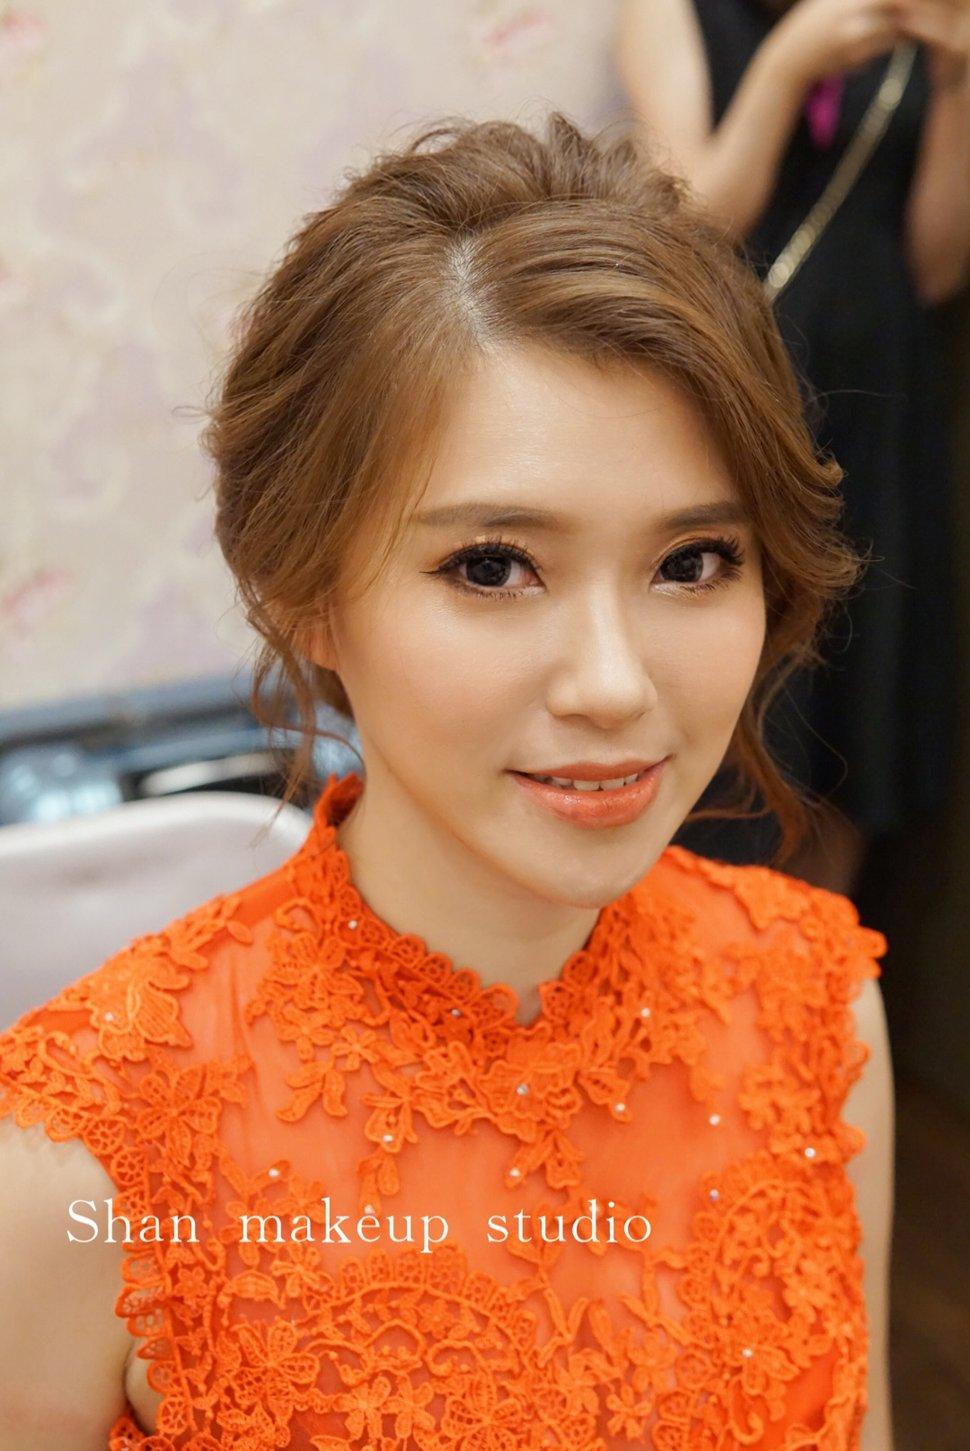 IMG_9562 - 湘翎Shan Makeup studio《結婚吧》